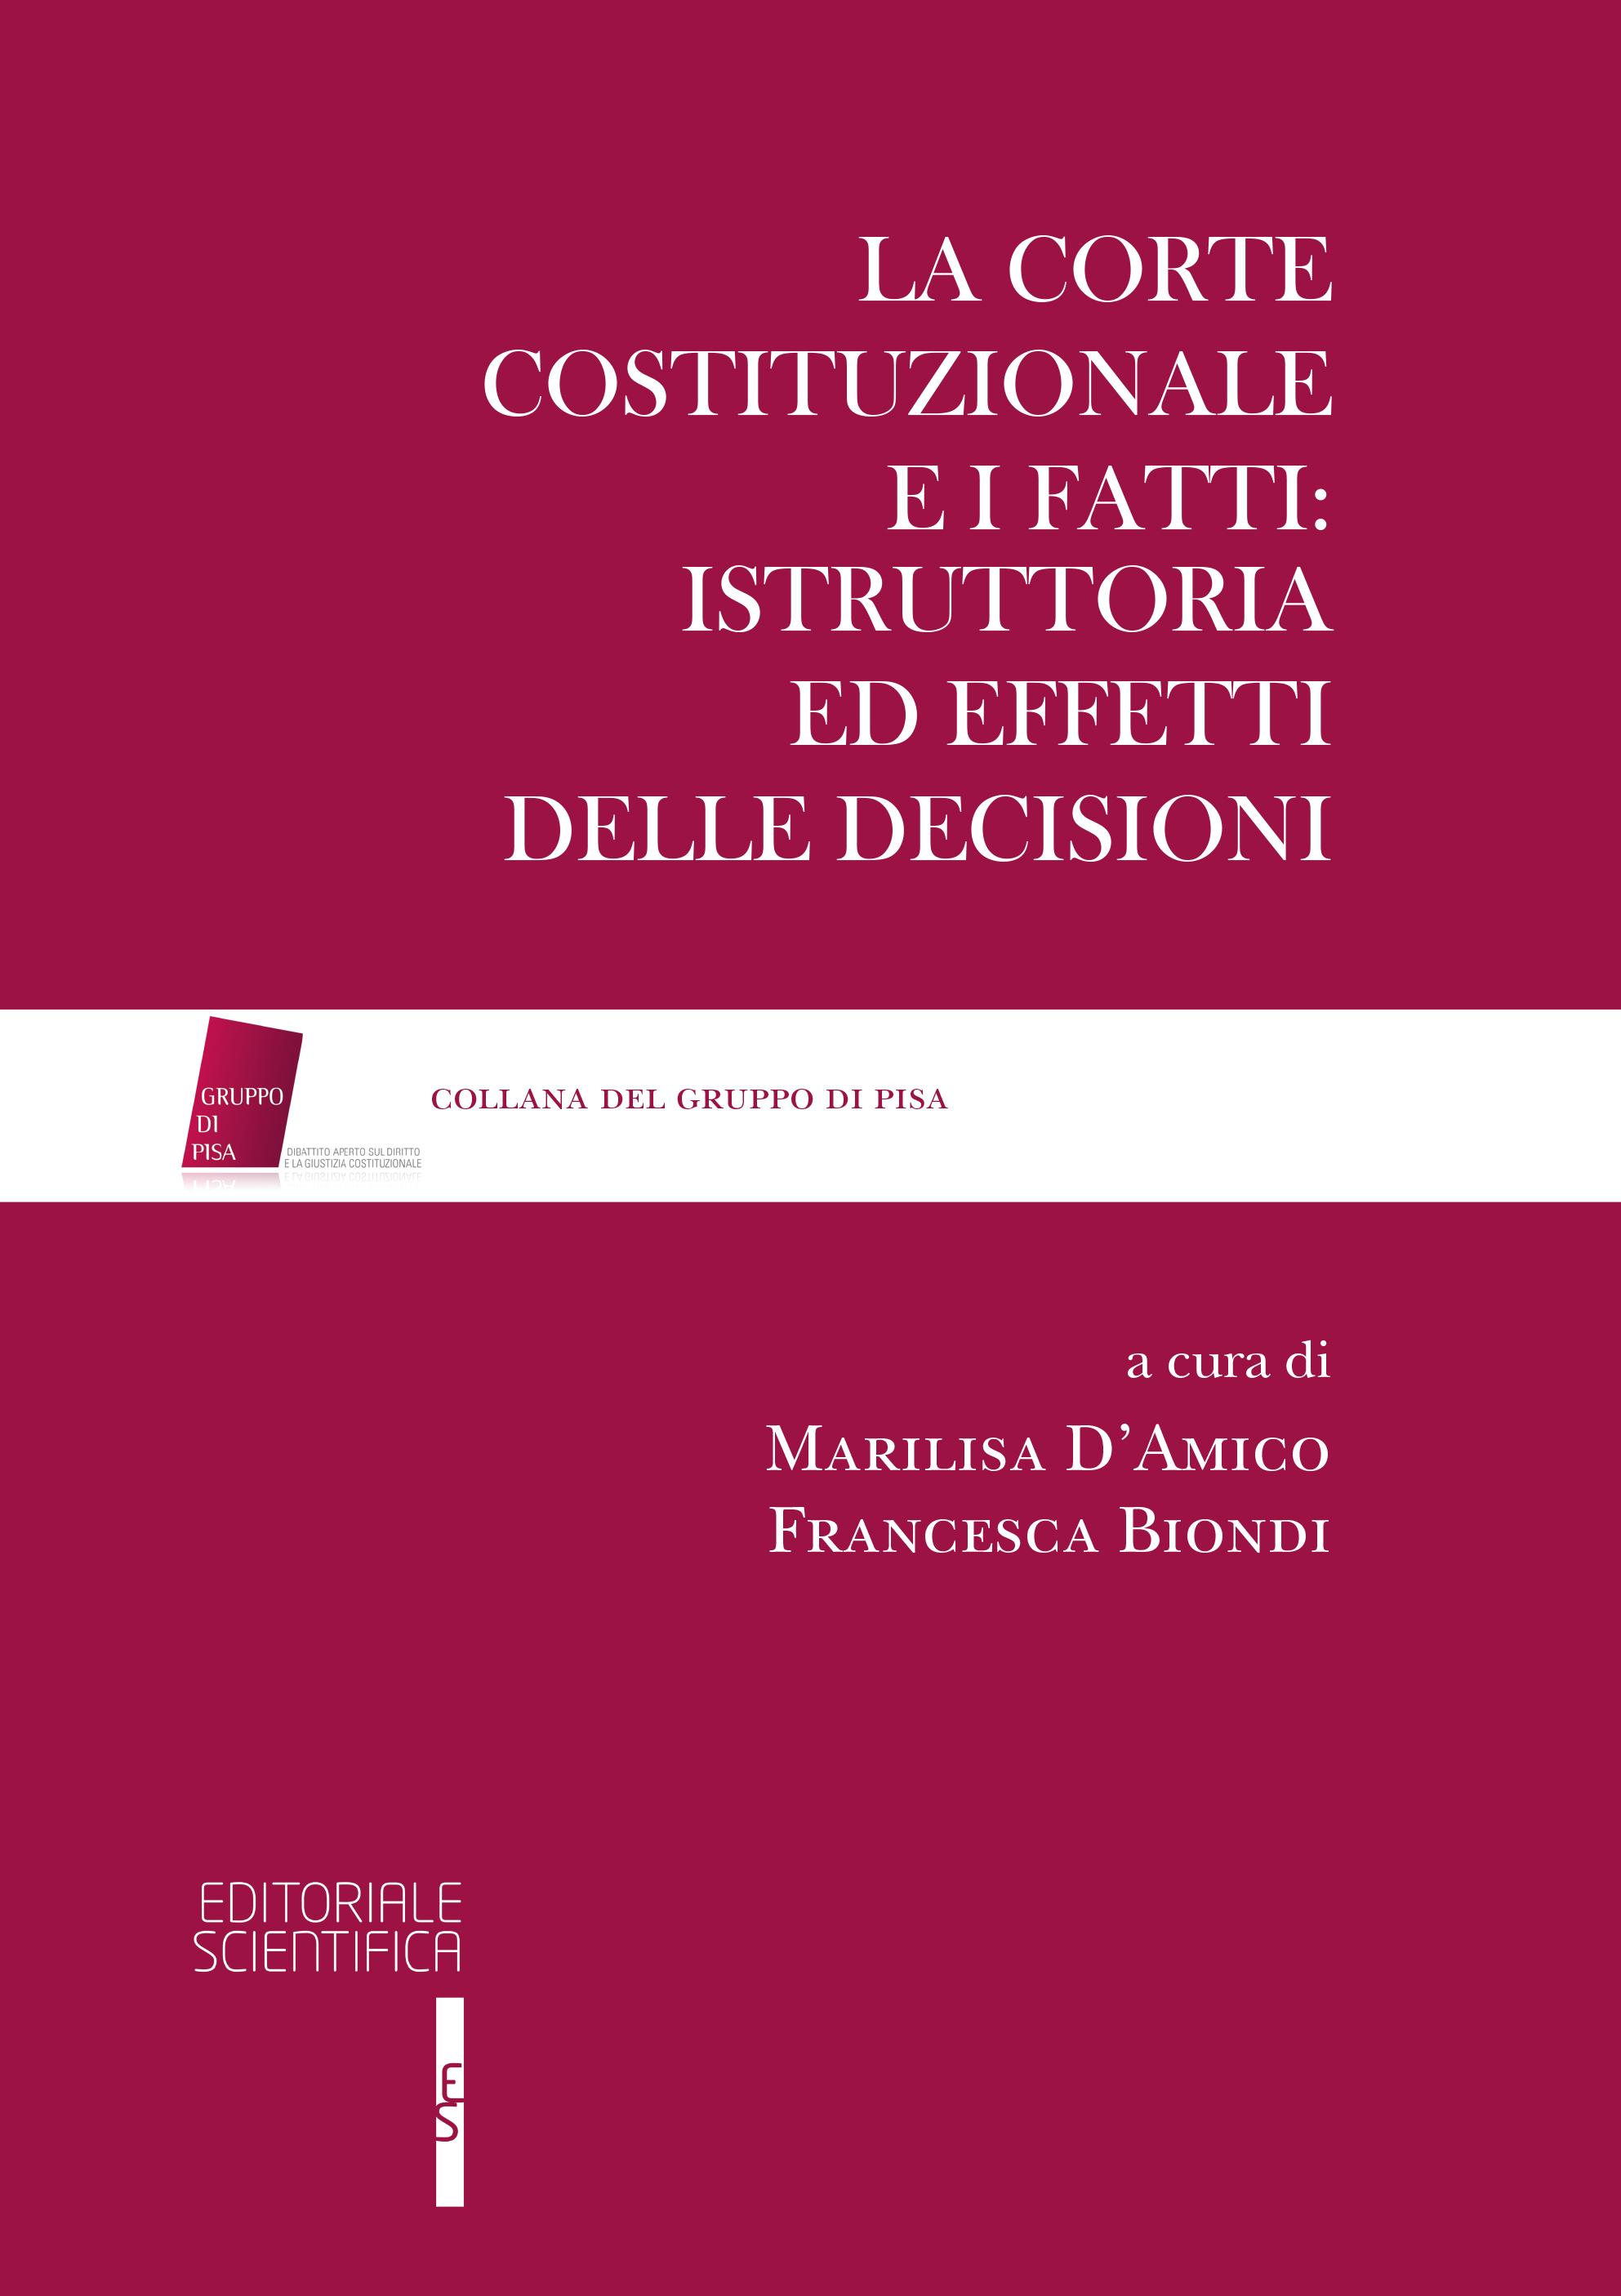 La Corte costituzionale e i fatti: istruttoria ed effetti delle decisioni, a cura di M. D'AMICO – F. BIONDI, 2018